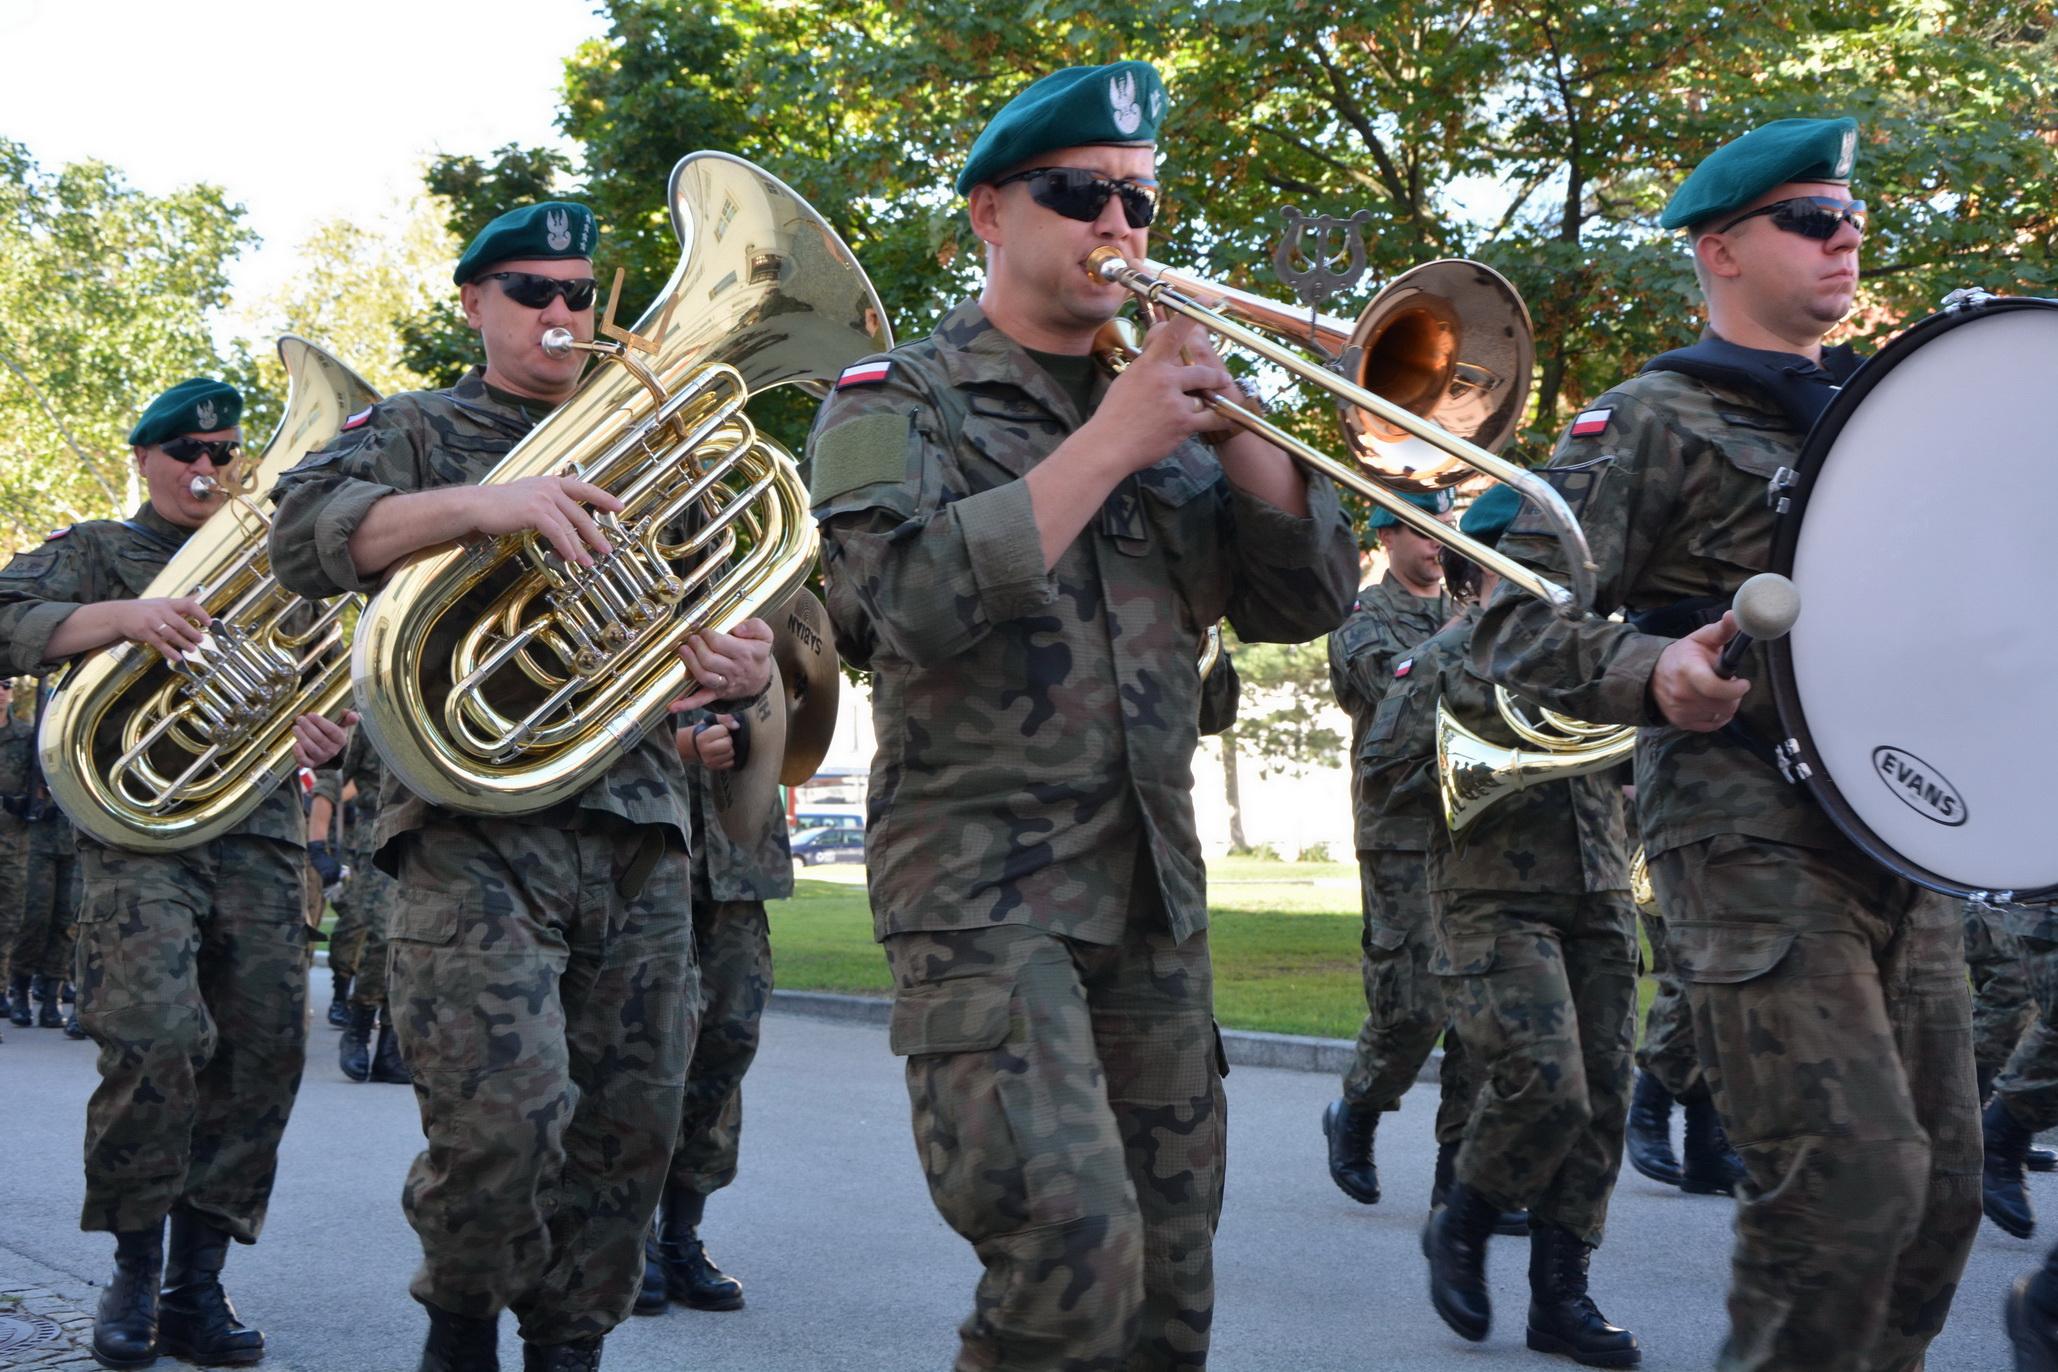 Garde_2018_09_12_Vorparade Traditionstag MilKdo Wien mit Polen (8)